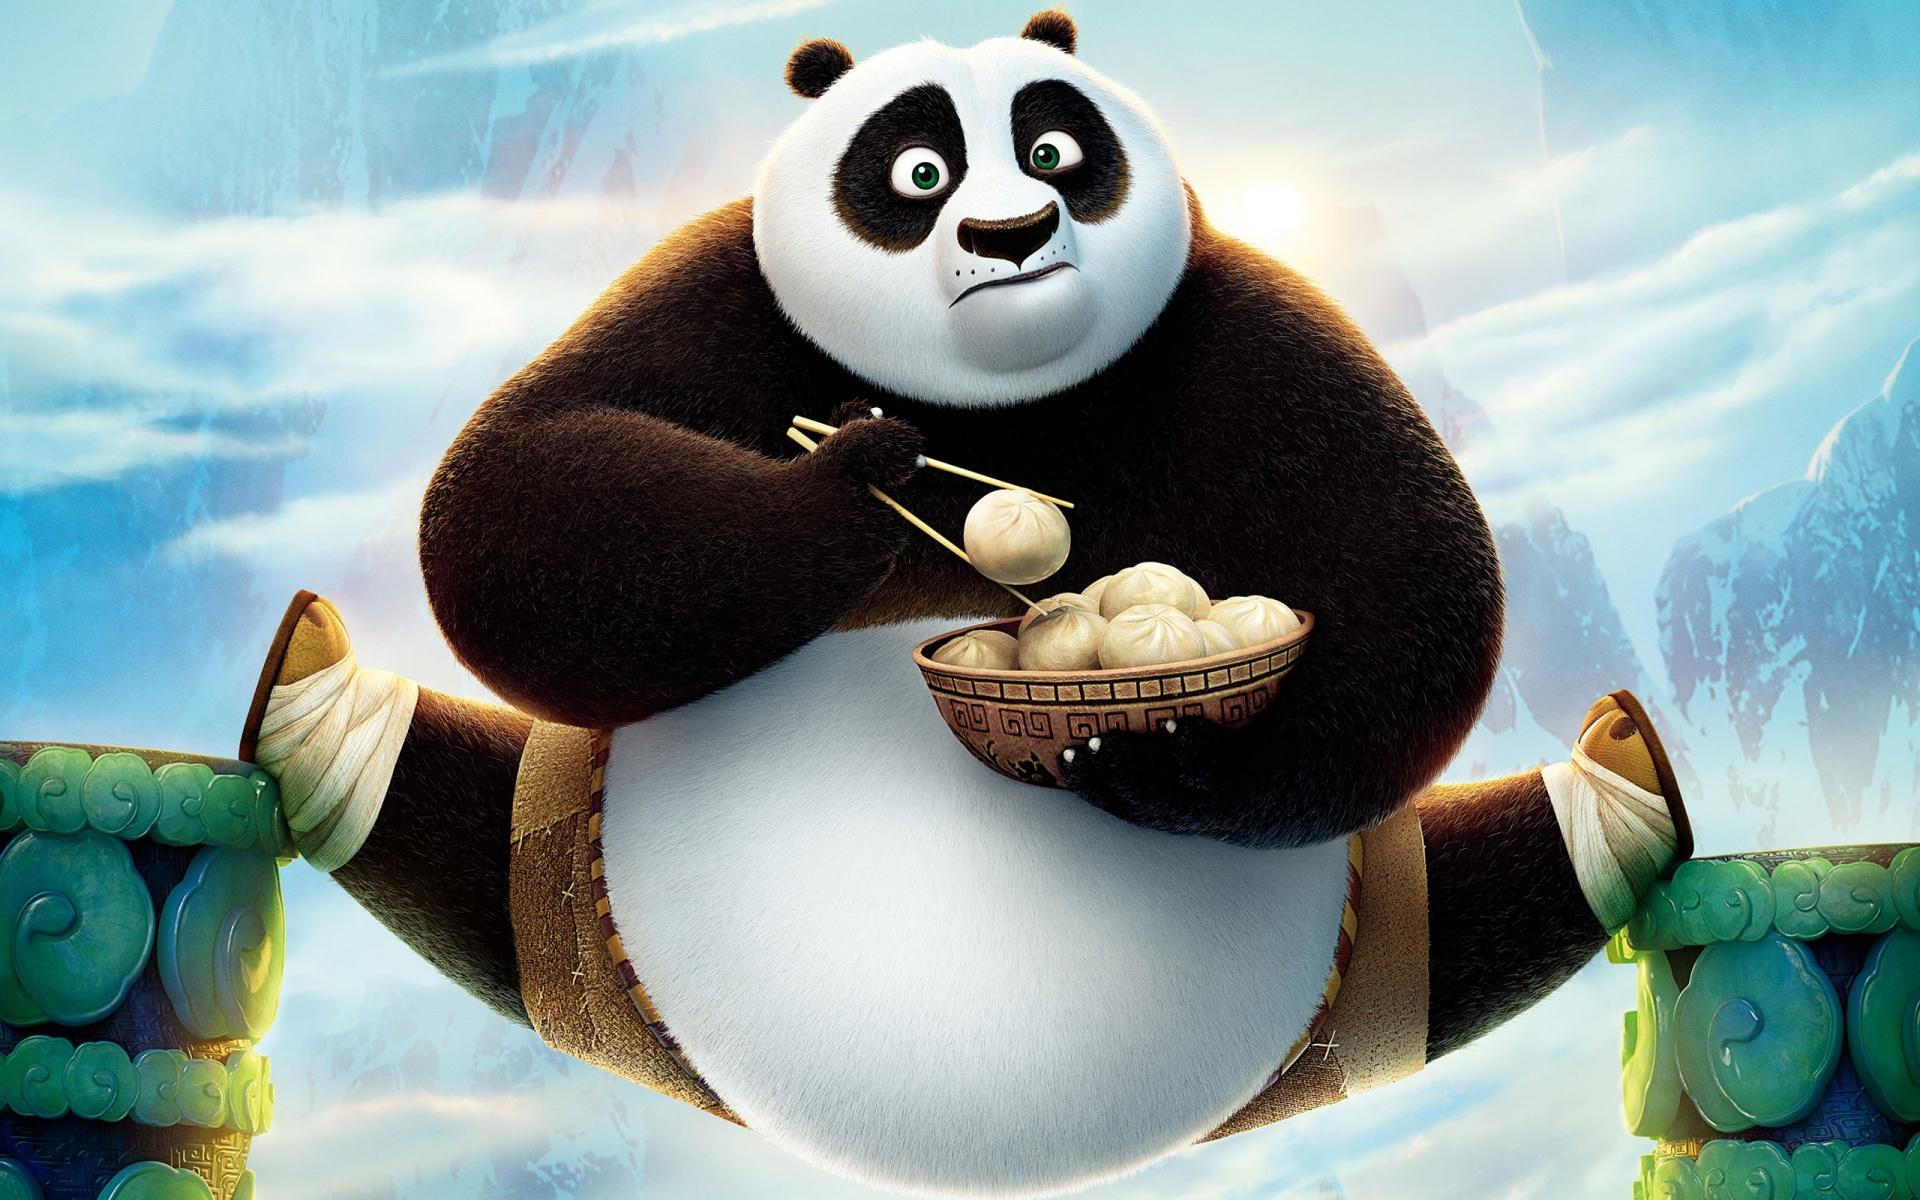 студентка, картинки кунфу панда смотреть того, создатель биткоина